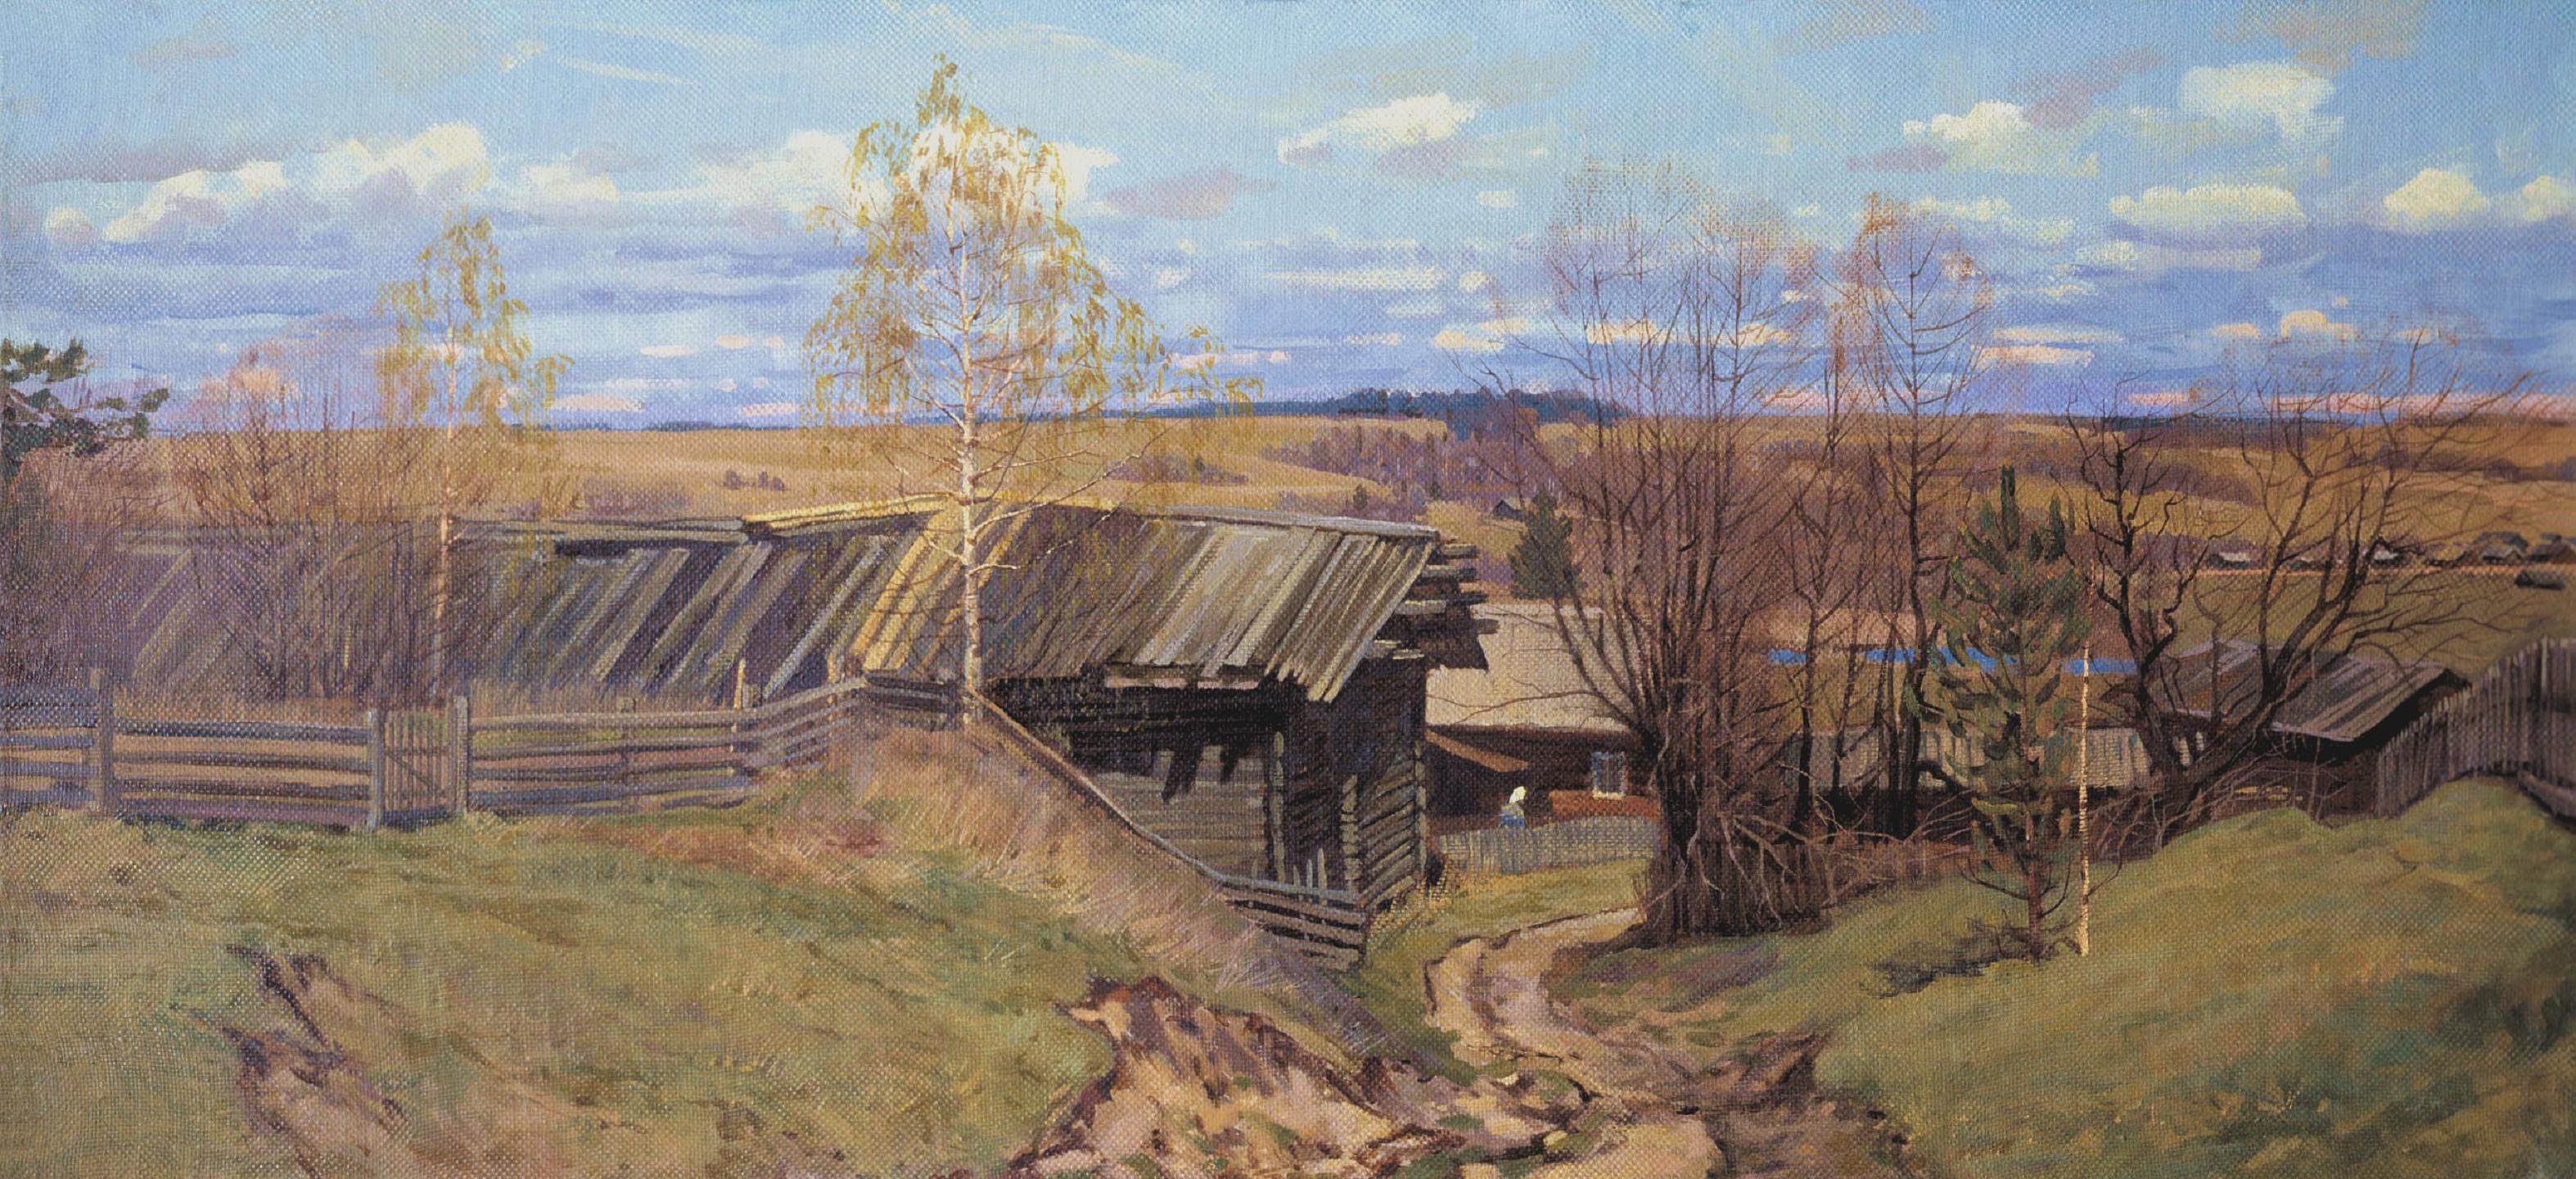 Rusija - Page 3 Nikolai-anokhin-secluded-russia